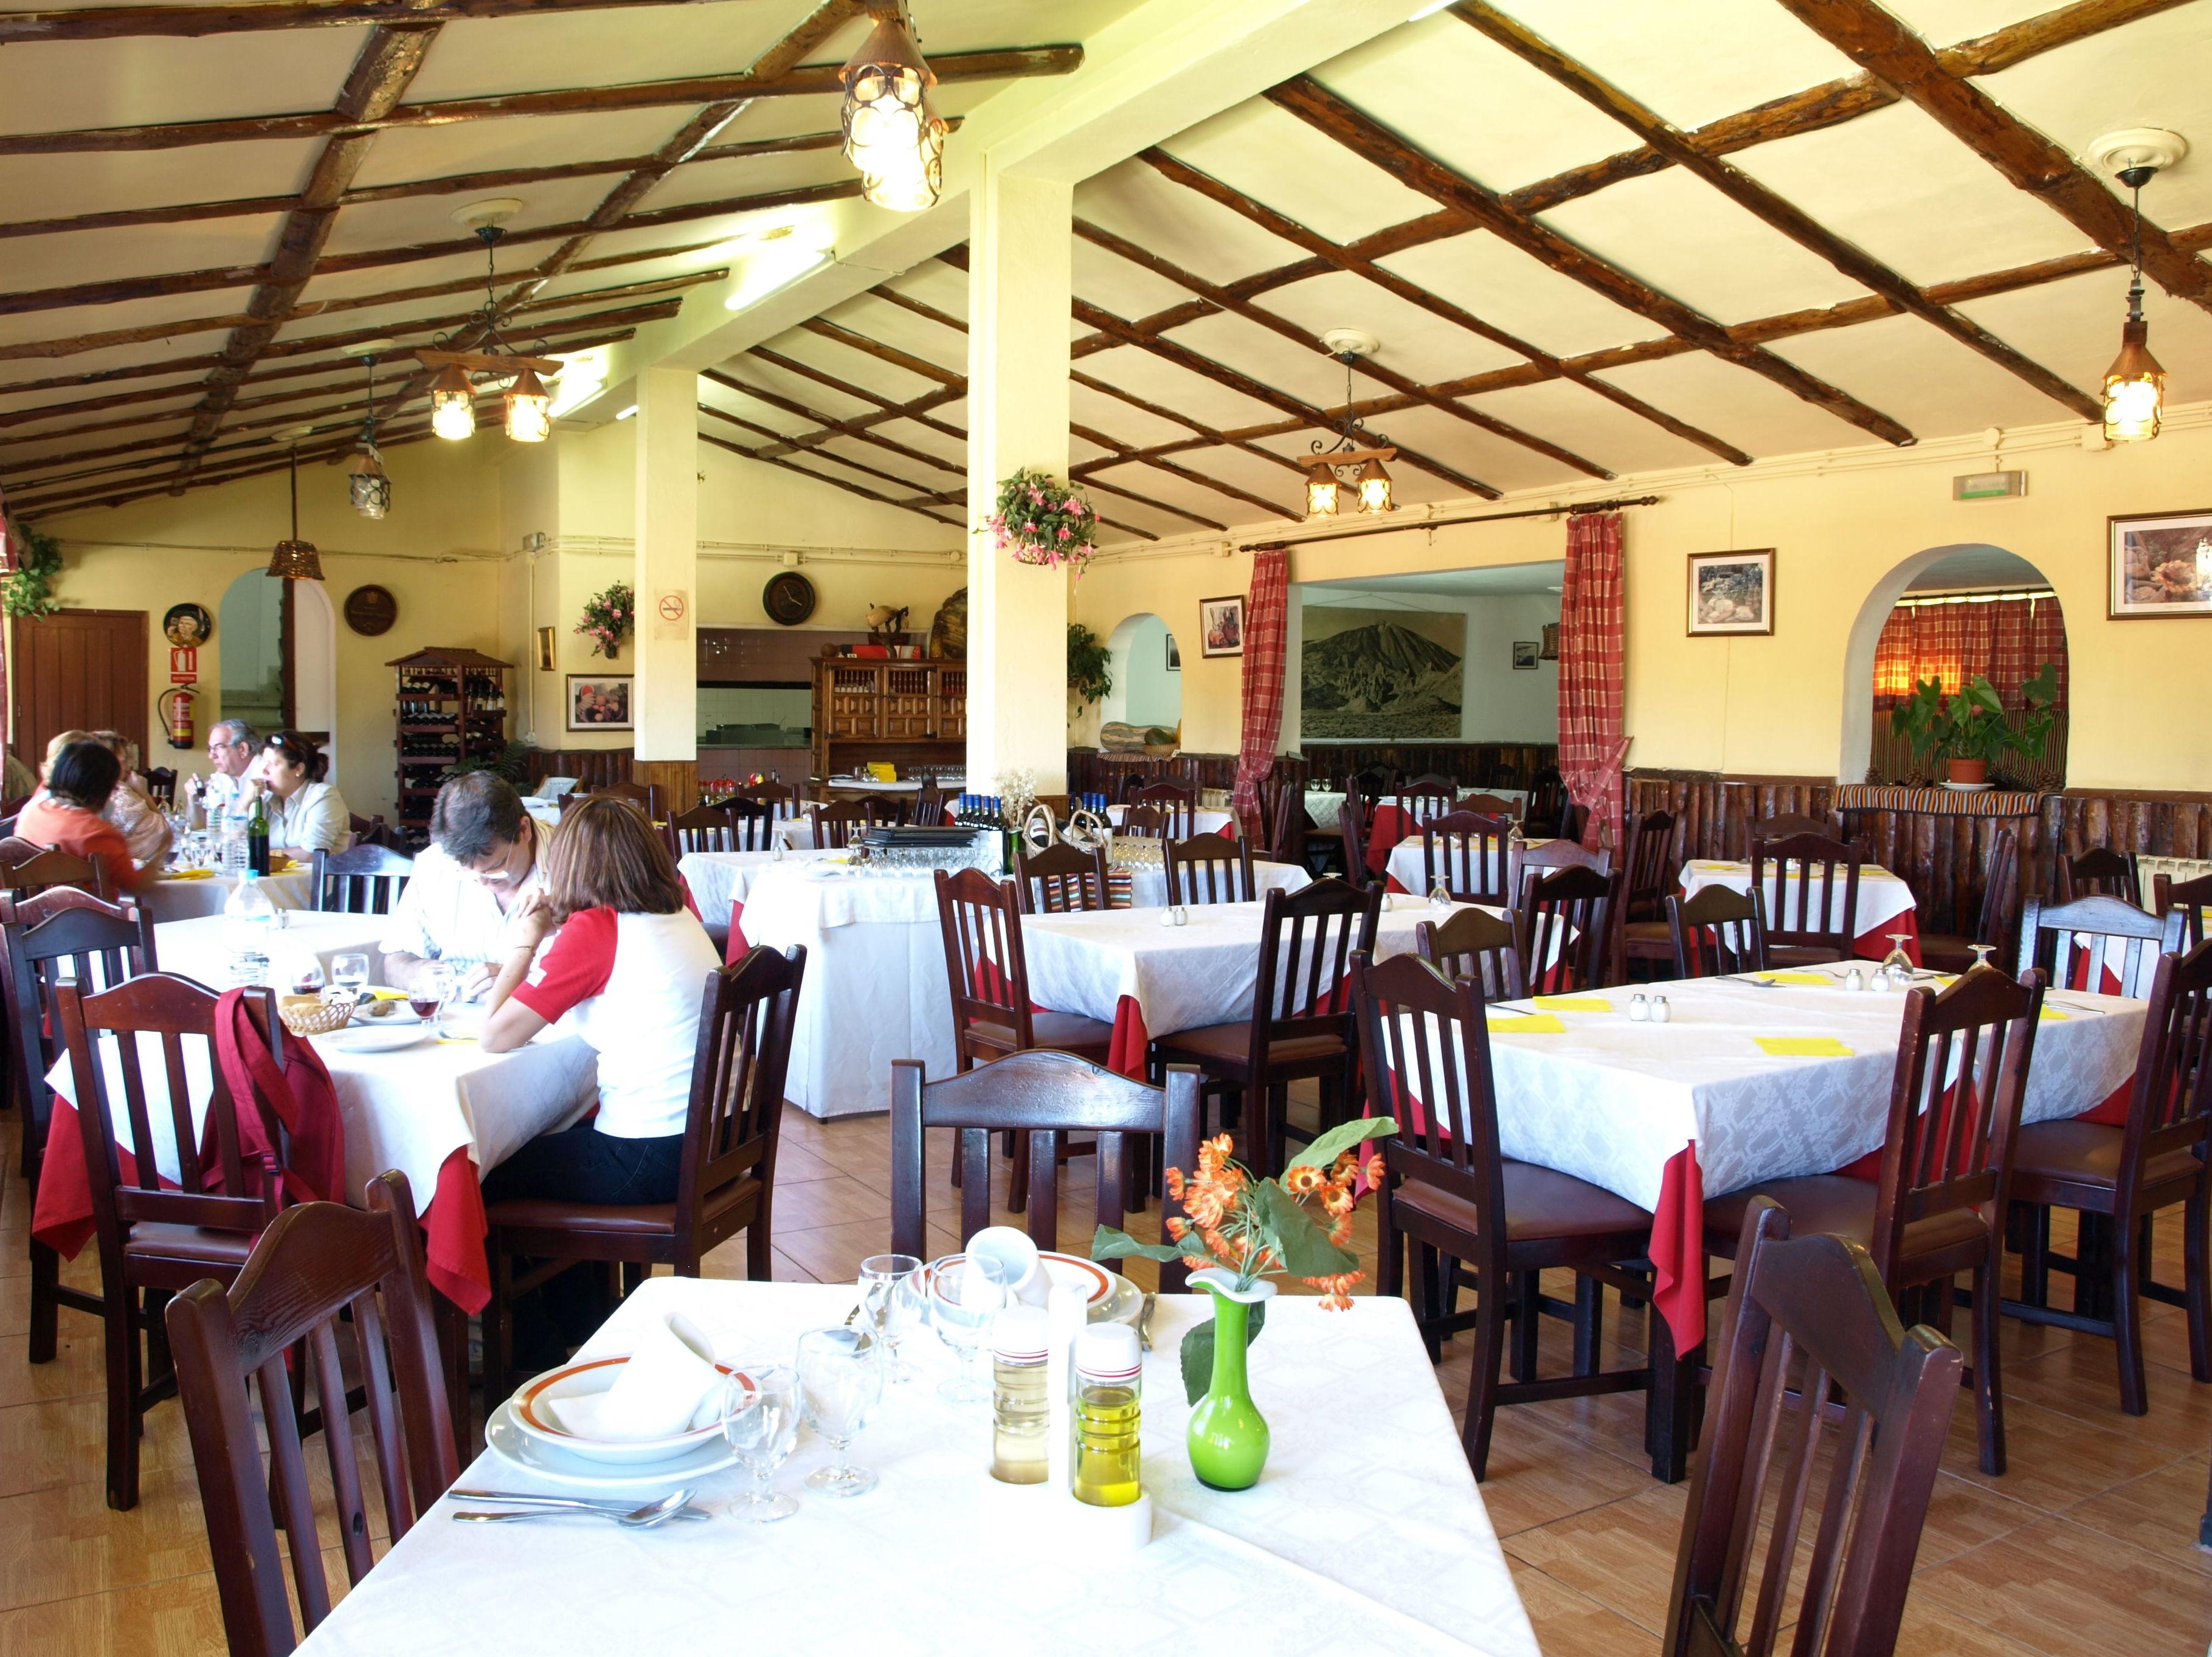 Salón comedor del restaurante El Portillo